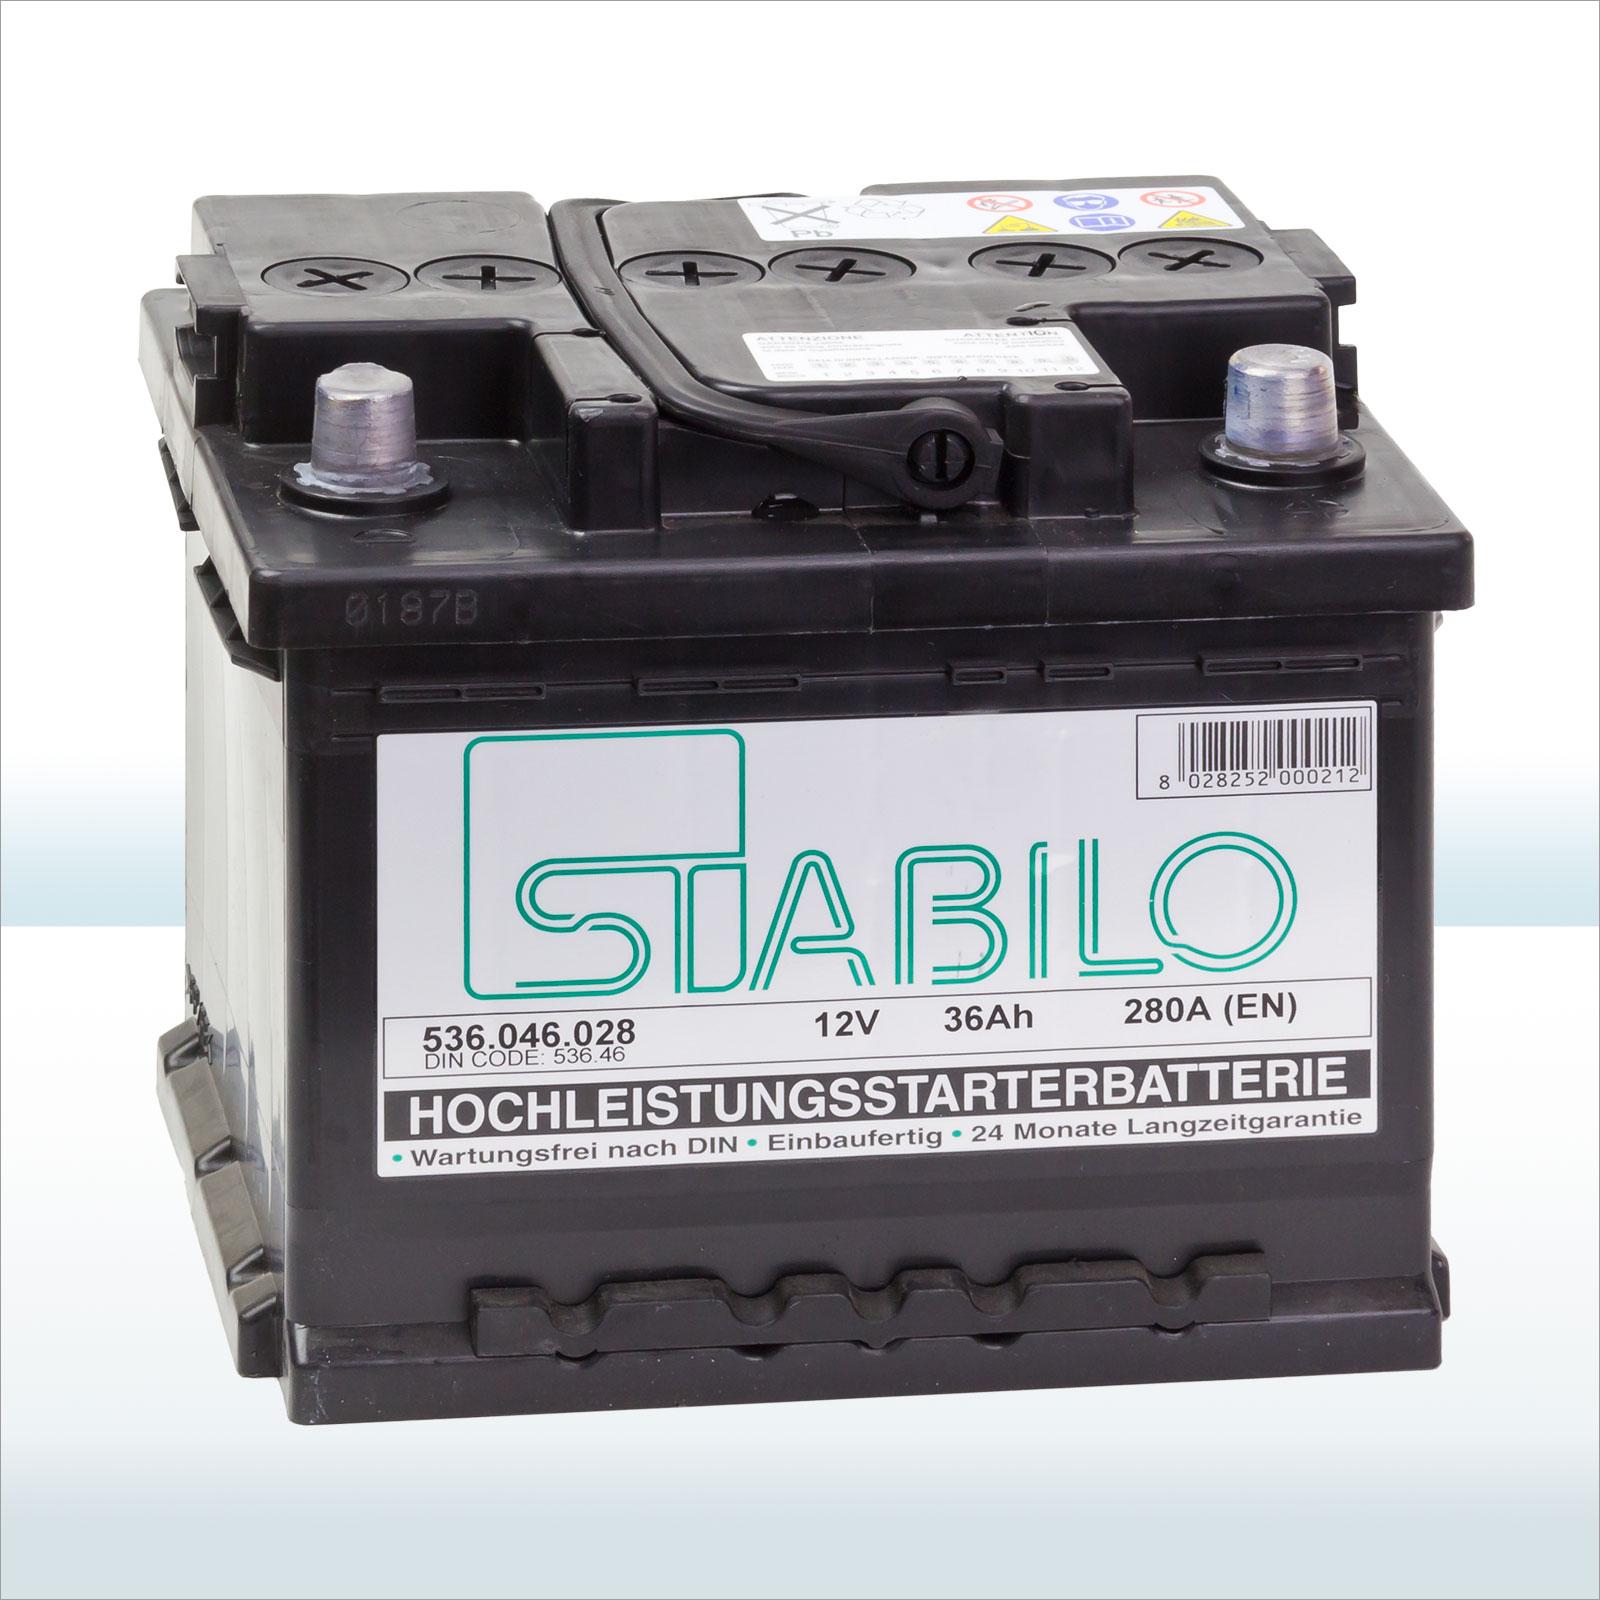 149001 car battery starter battery 12v 36ah new ebay. Black Bedroom Furniture Sets. Home Design Ideas